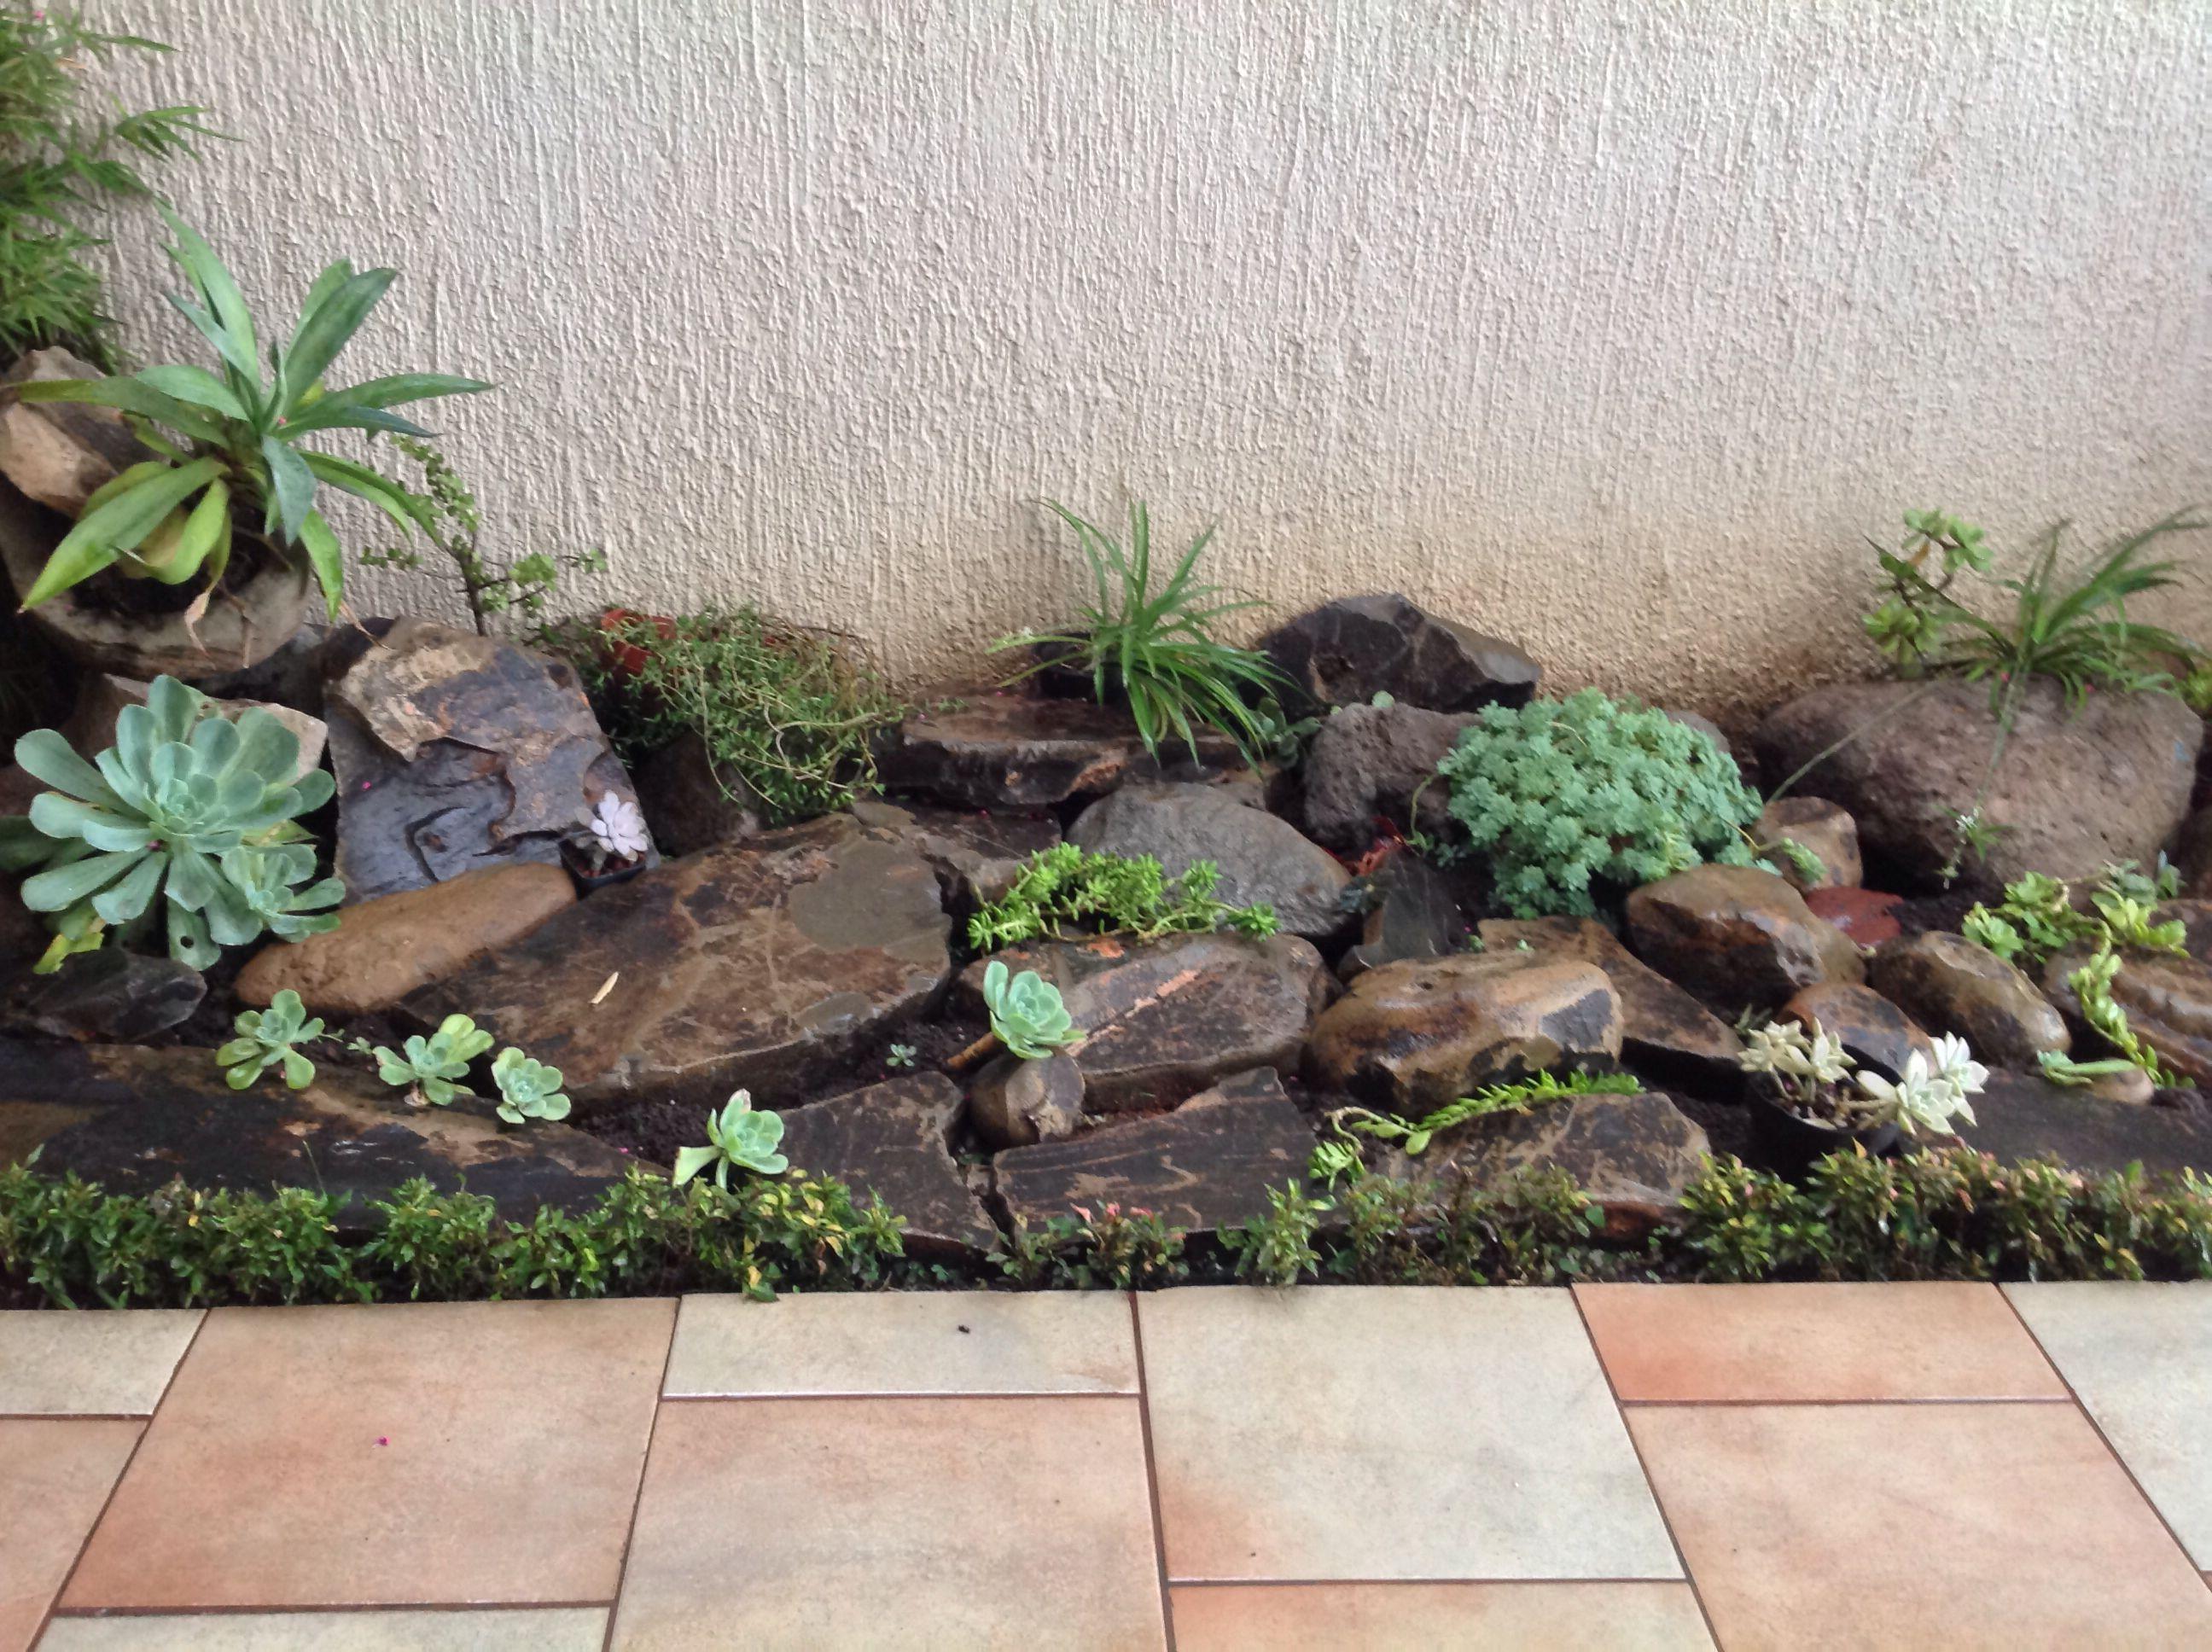 piedras y plantas de sombra, buena idea para decorar un